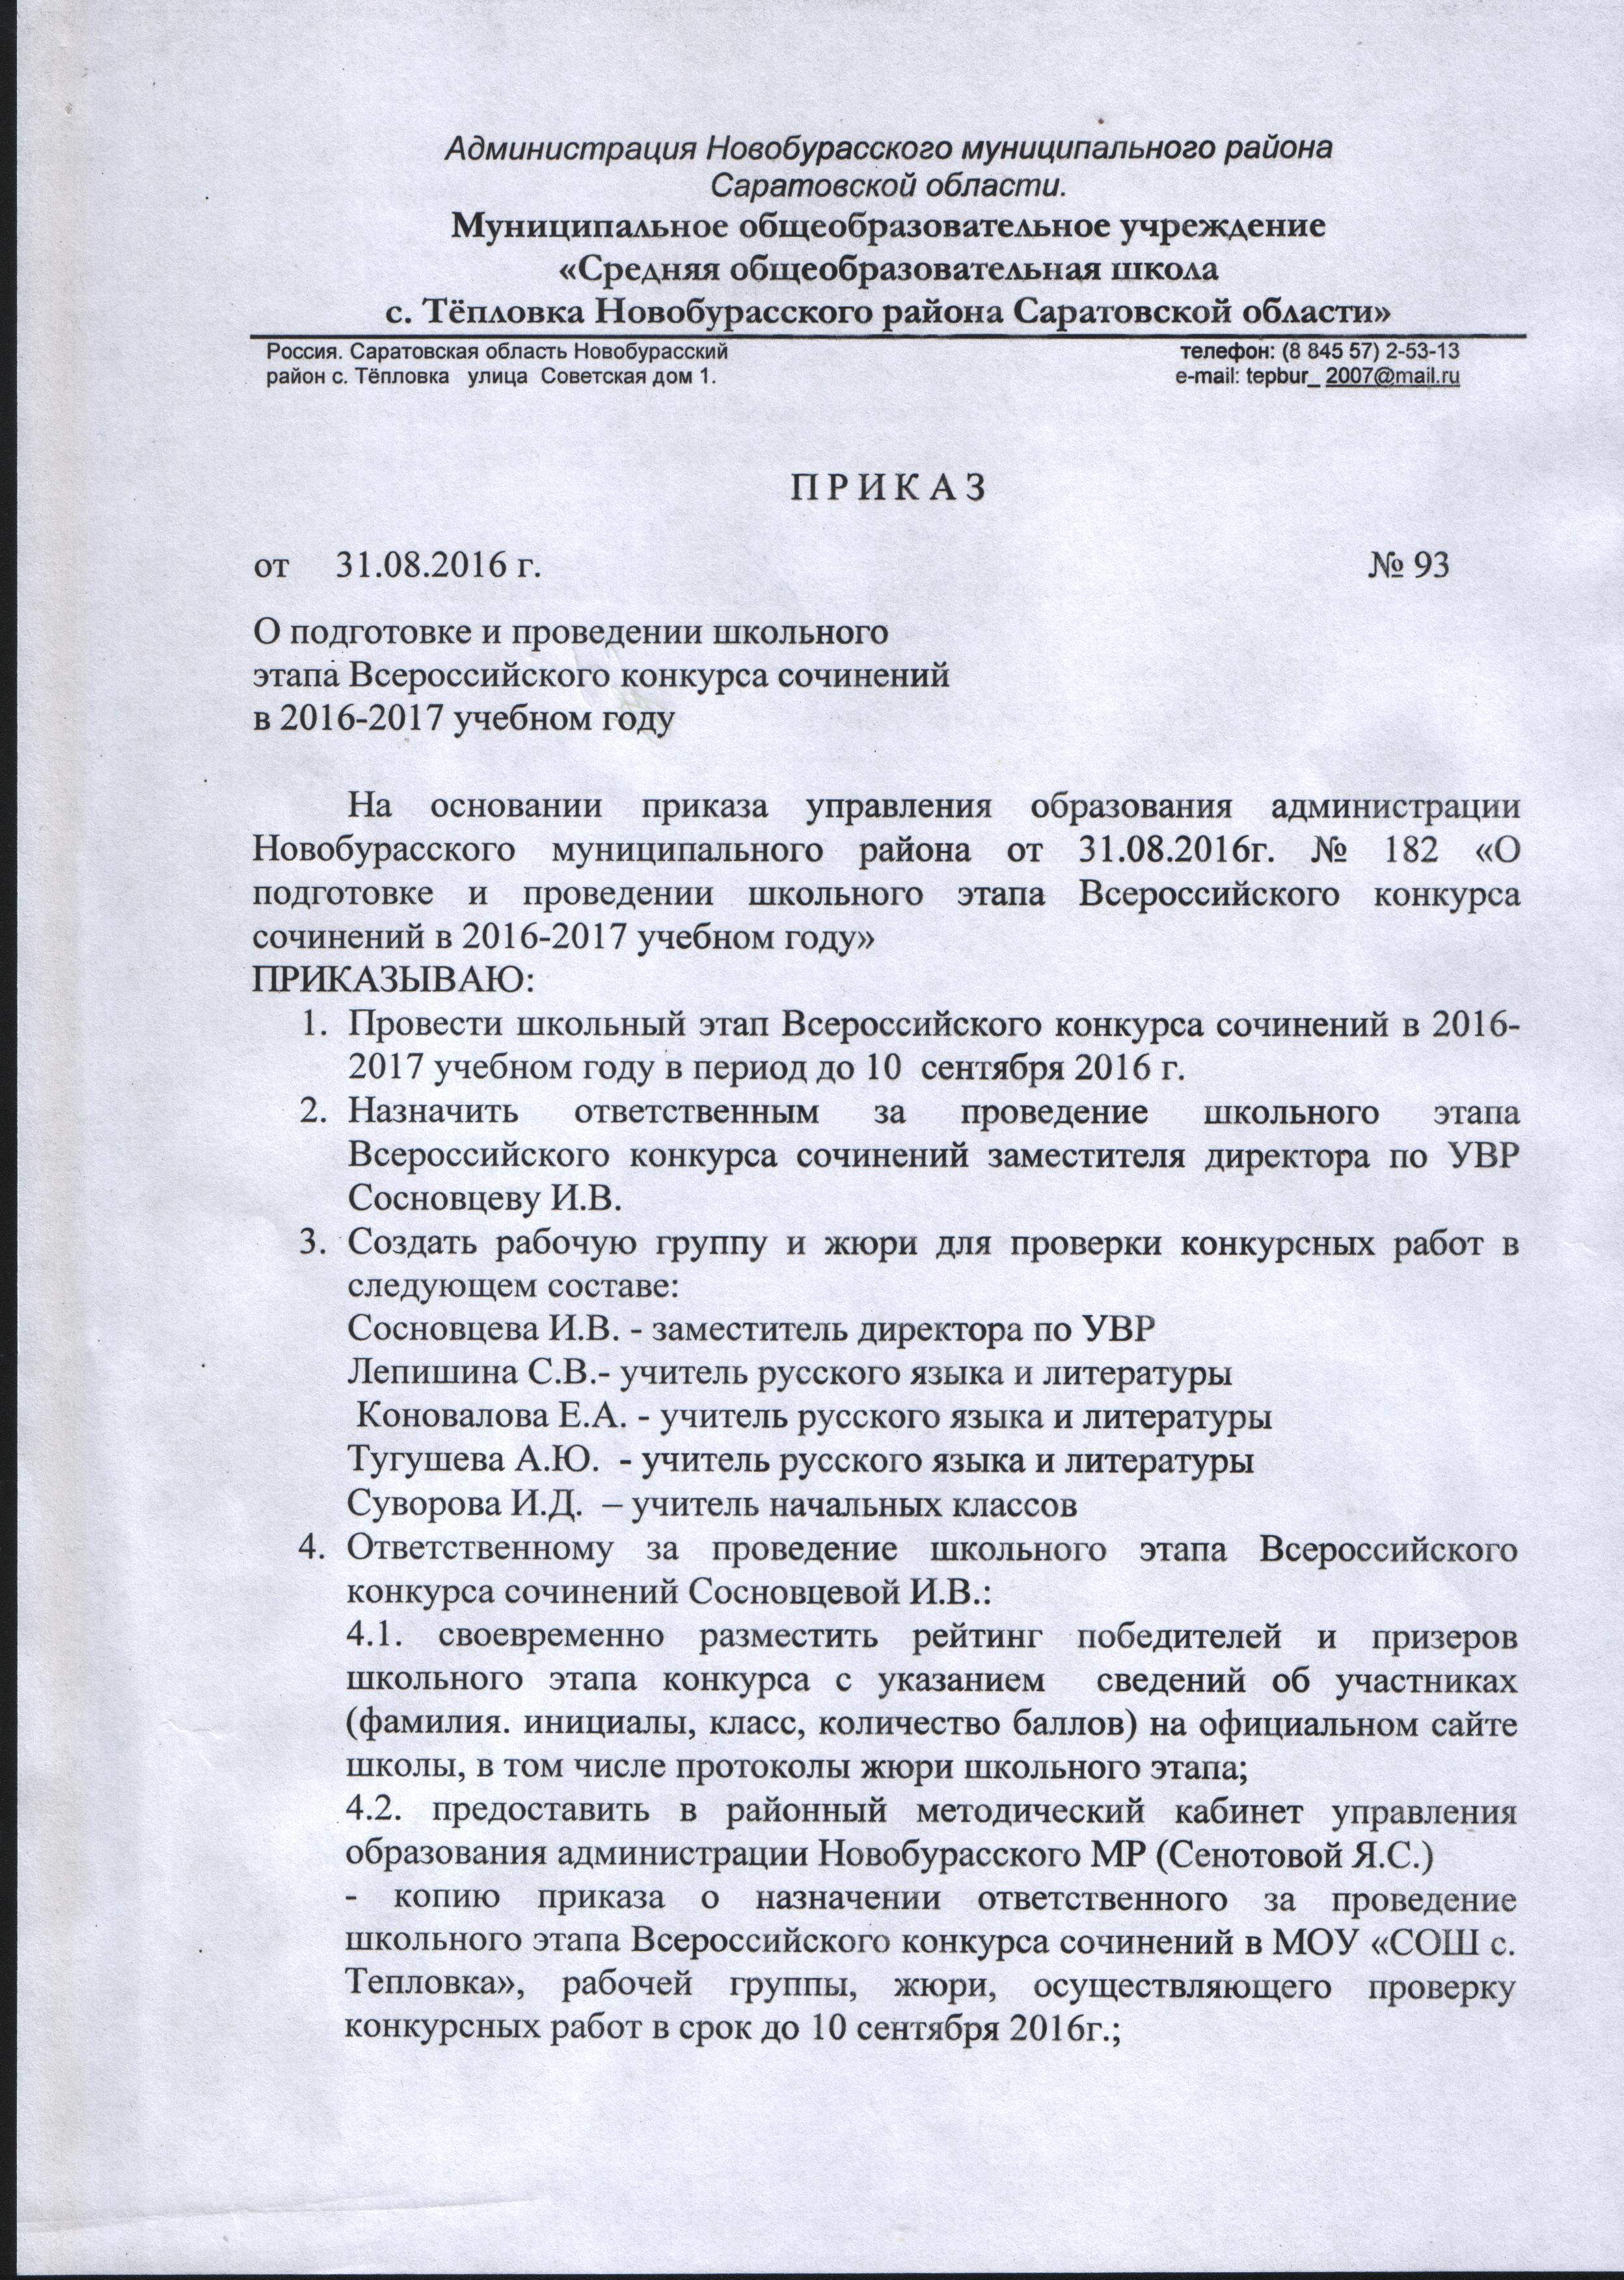 Всероссийскому конкурсу сочинений 2017 2017